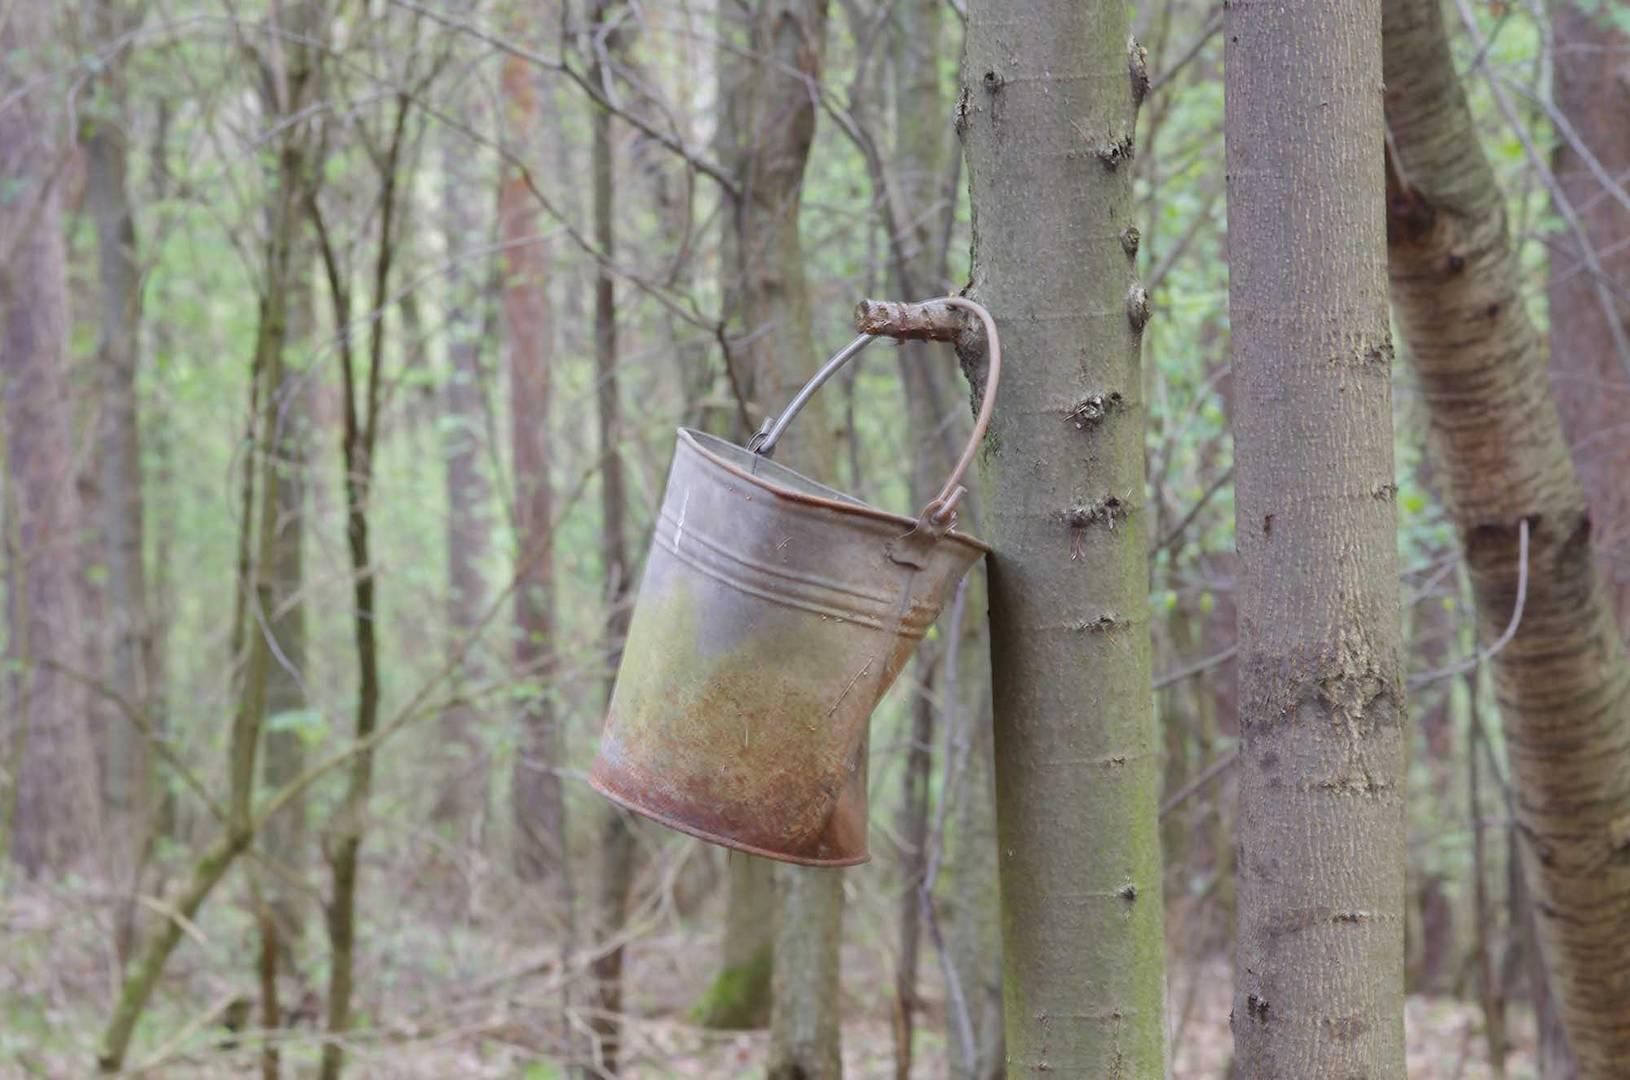 Ein Eimer hängt im Wald